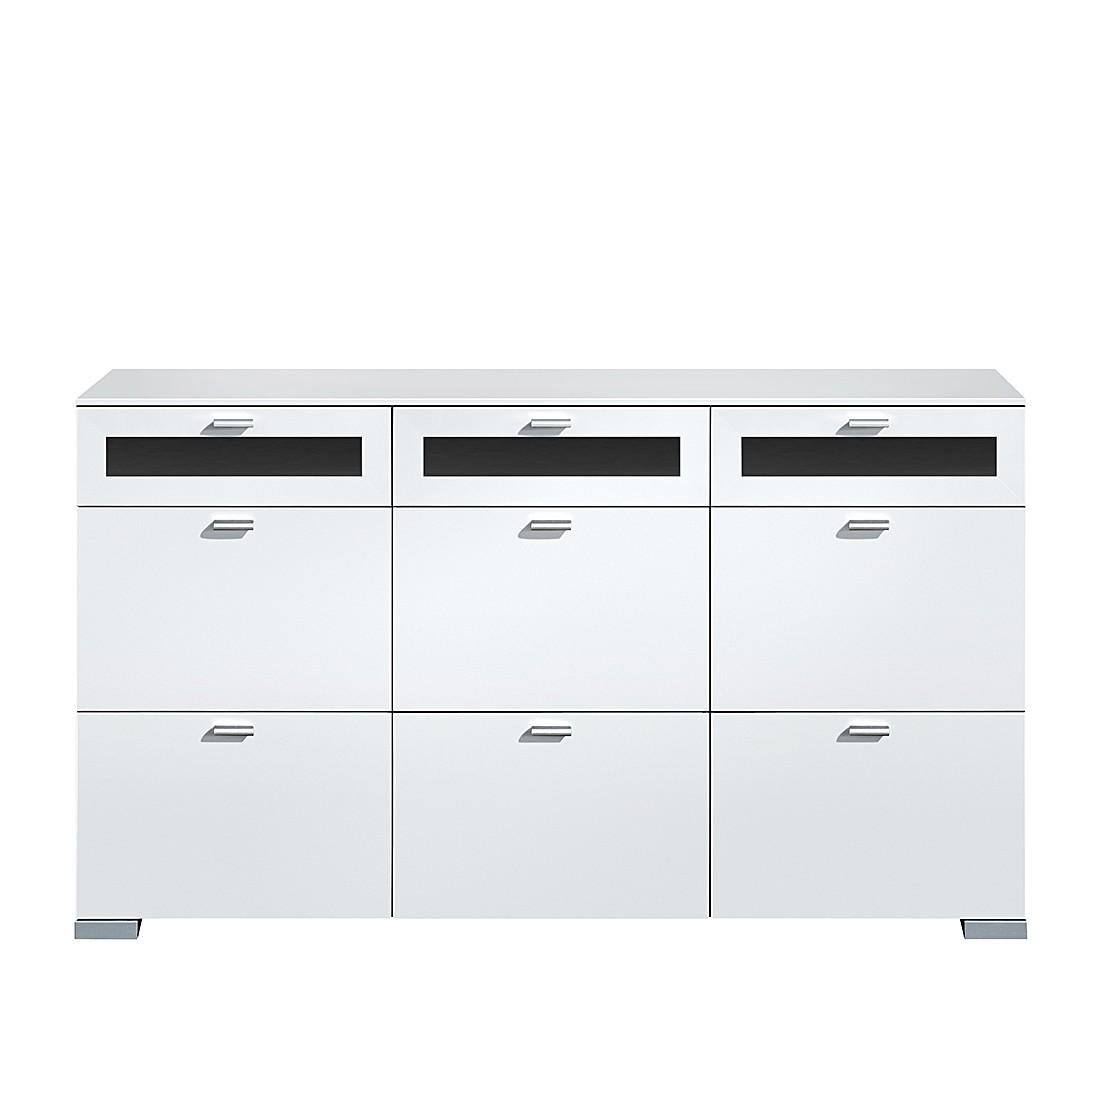 Sideboard Gallery Plus – 9 Schubladen/oberste 3/Glas – schwarz/weiß, Arte M günstig kaufen